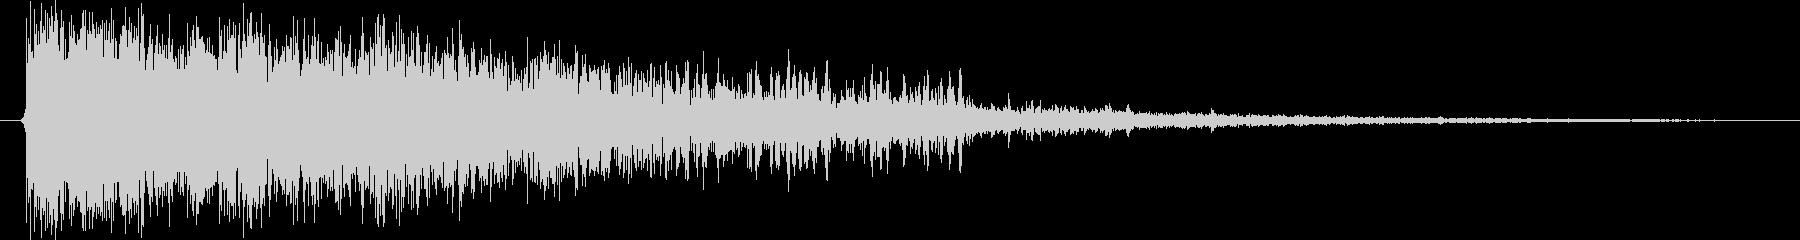 決定/ボタン押下音(上昇するイメージ)の未再生の波形